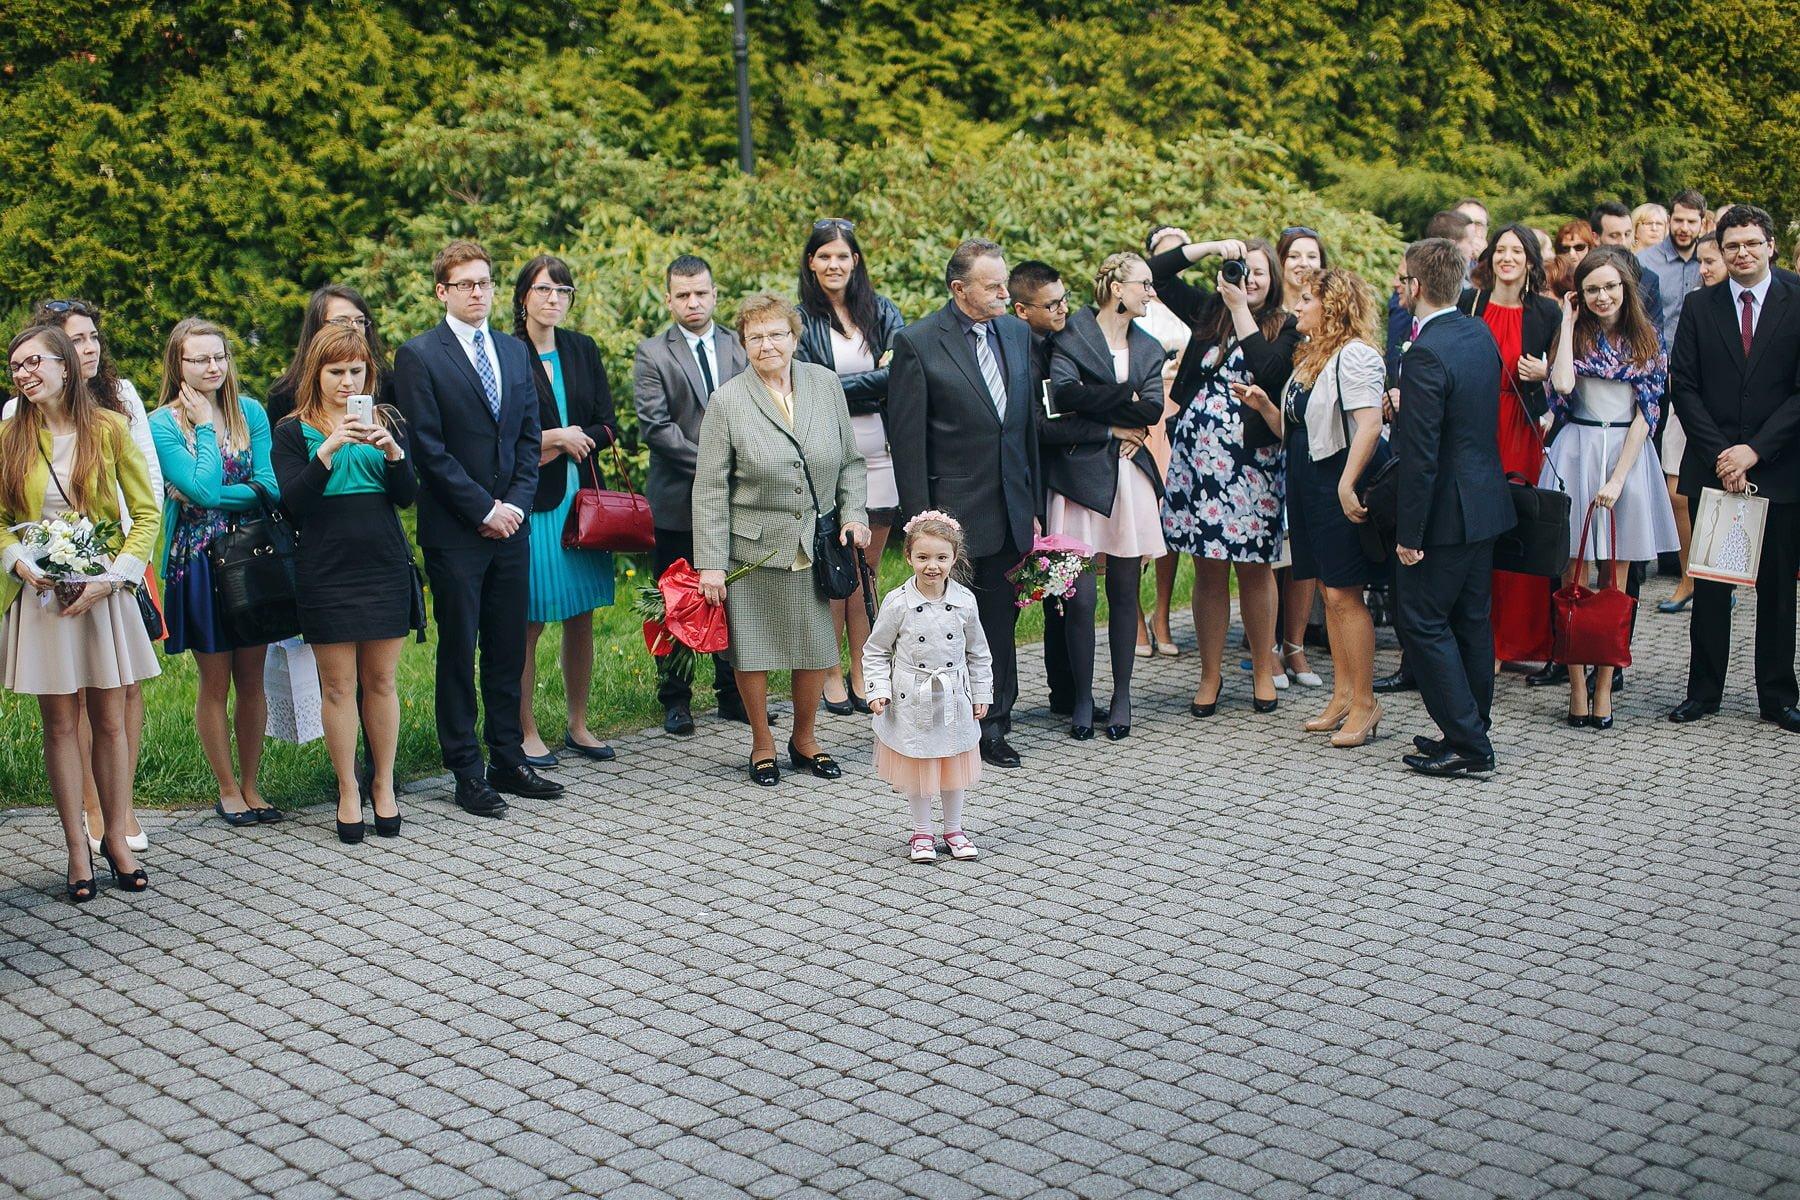 fotograf slub bielsko biala ania maciej 82 - Ślub w Bielsku-Białej - ANIA & MACIEJ